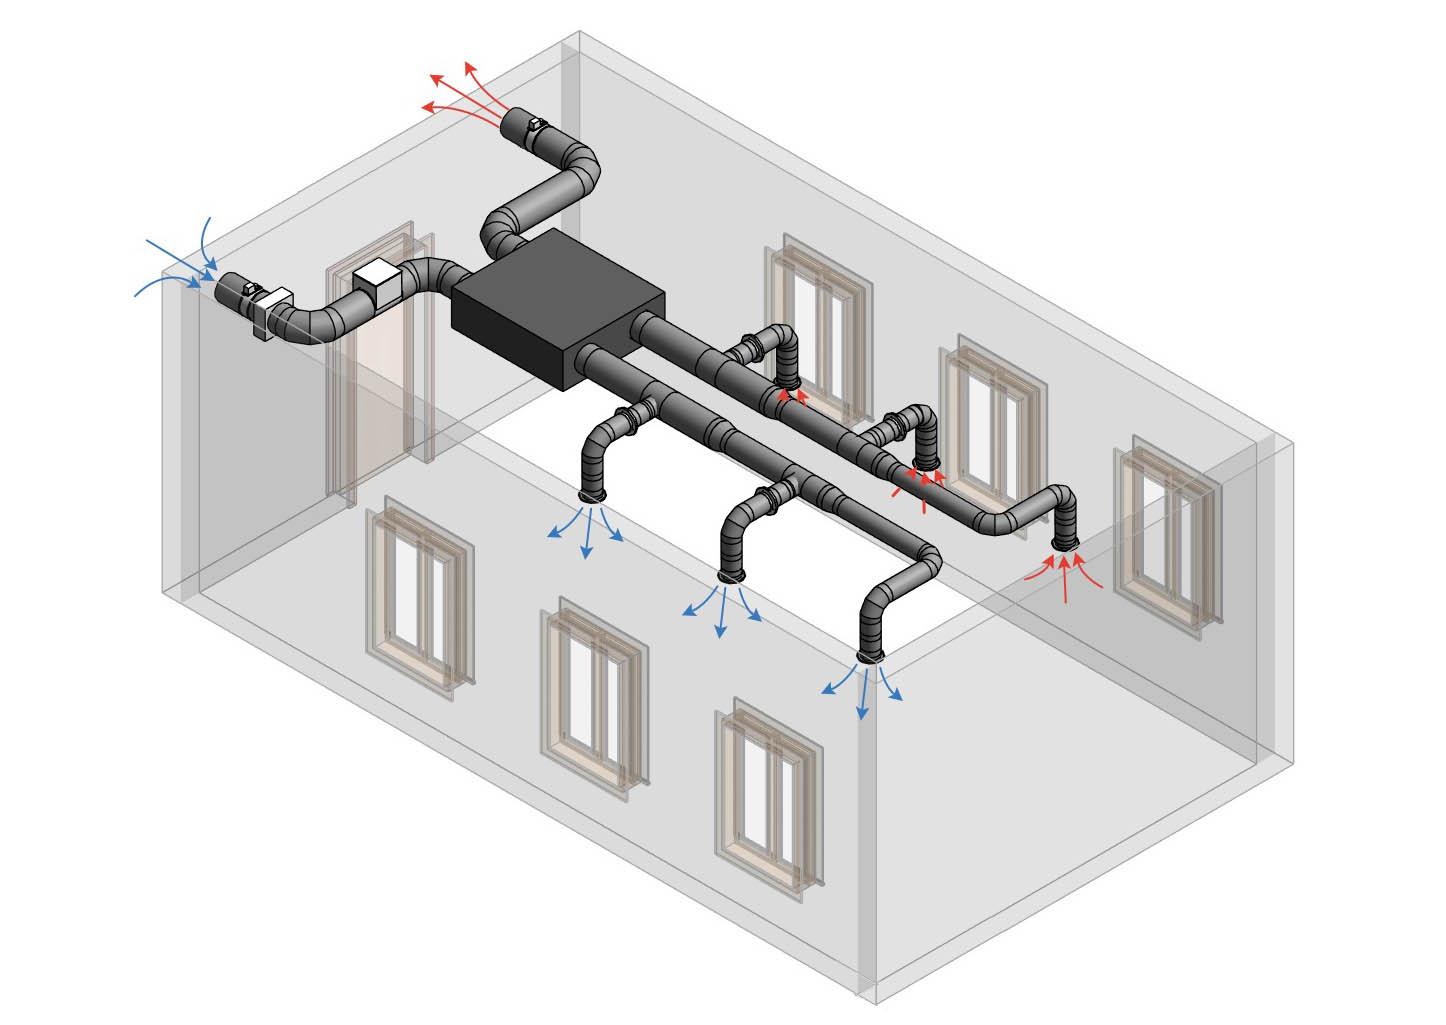 Приточно-вытяжная система вентиляции в частном доме